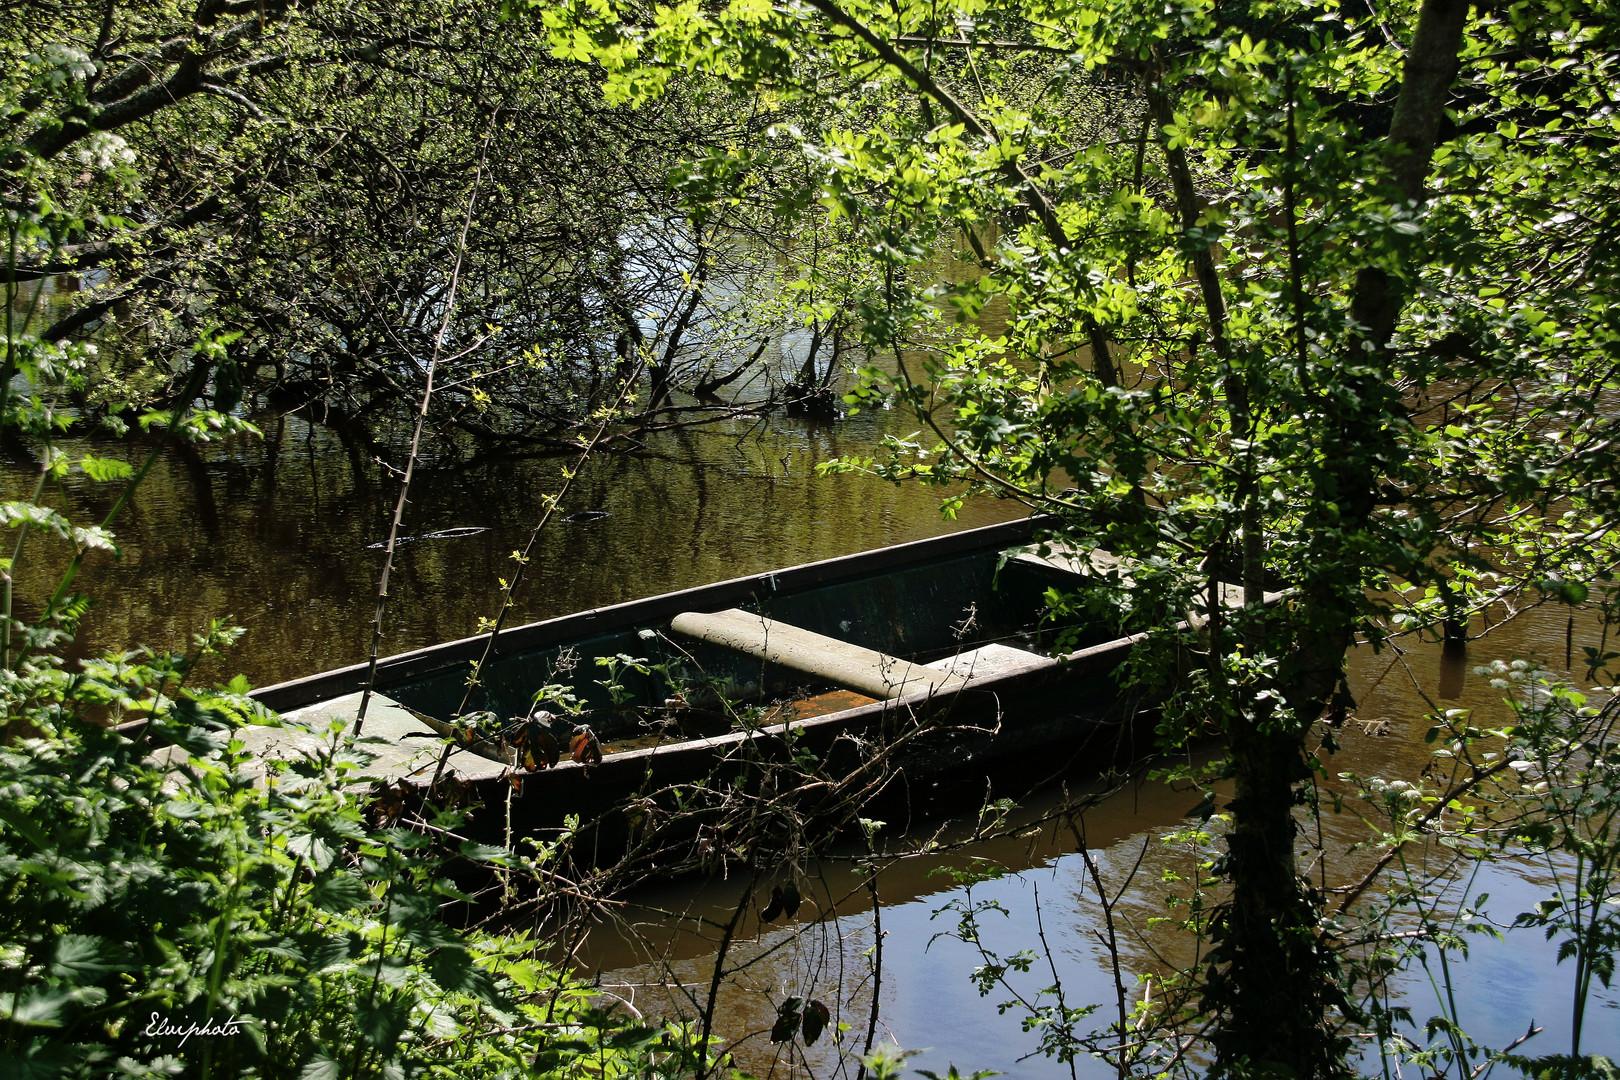 La barque bien dissimulée